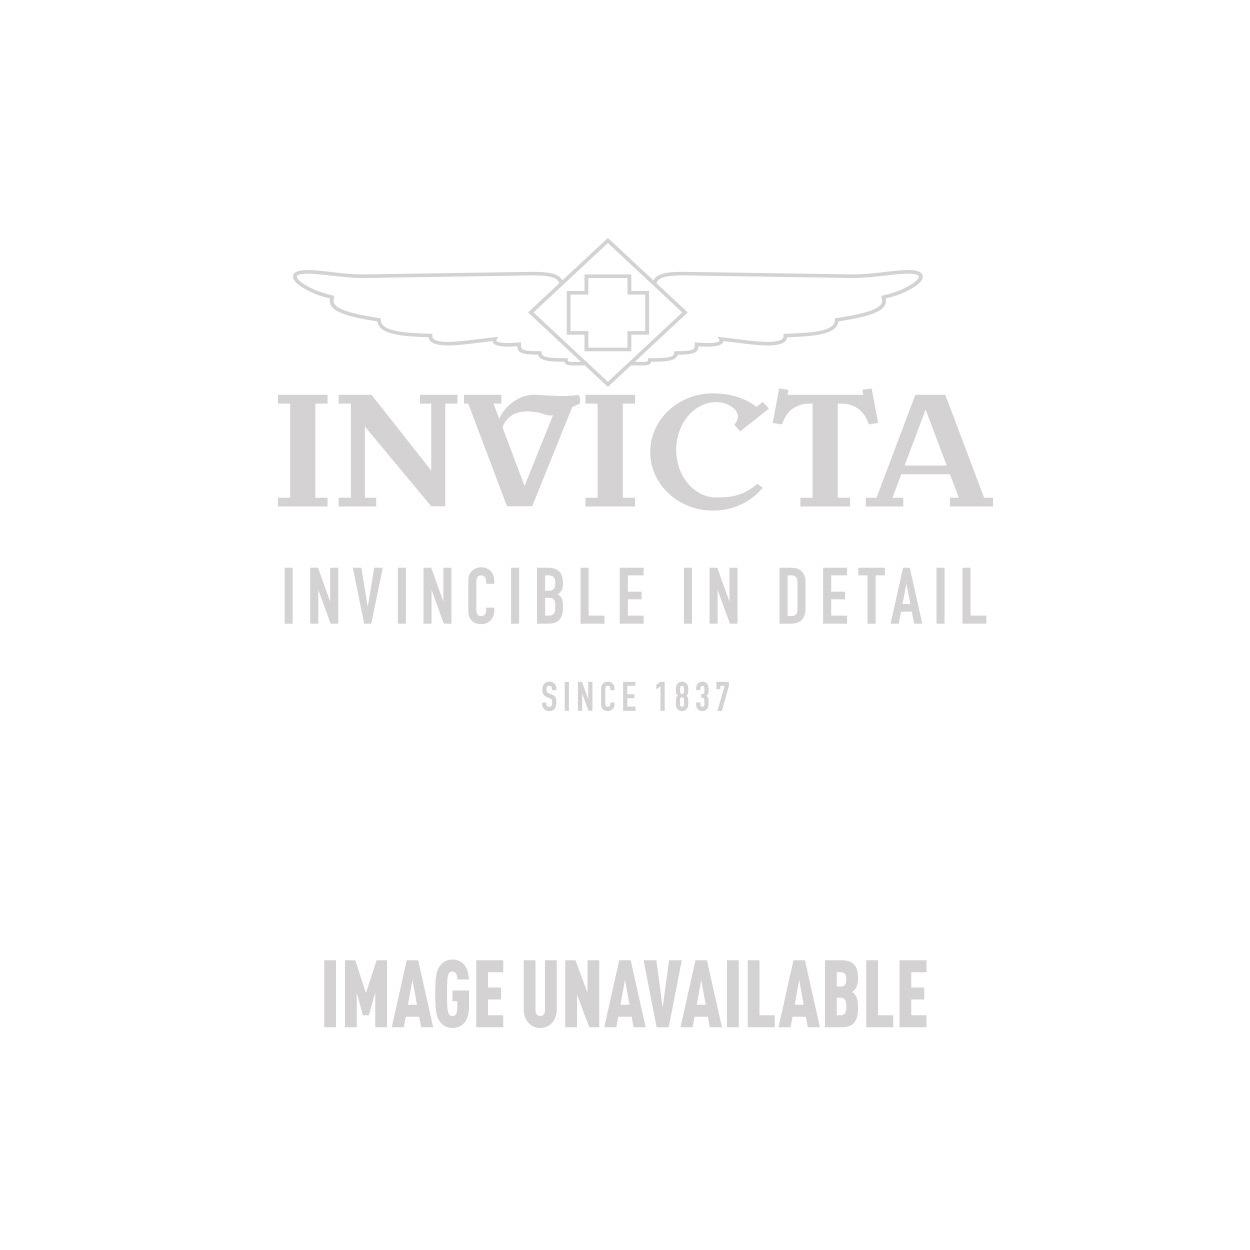 Invicta Model 27047